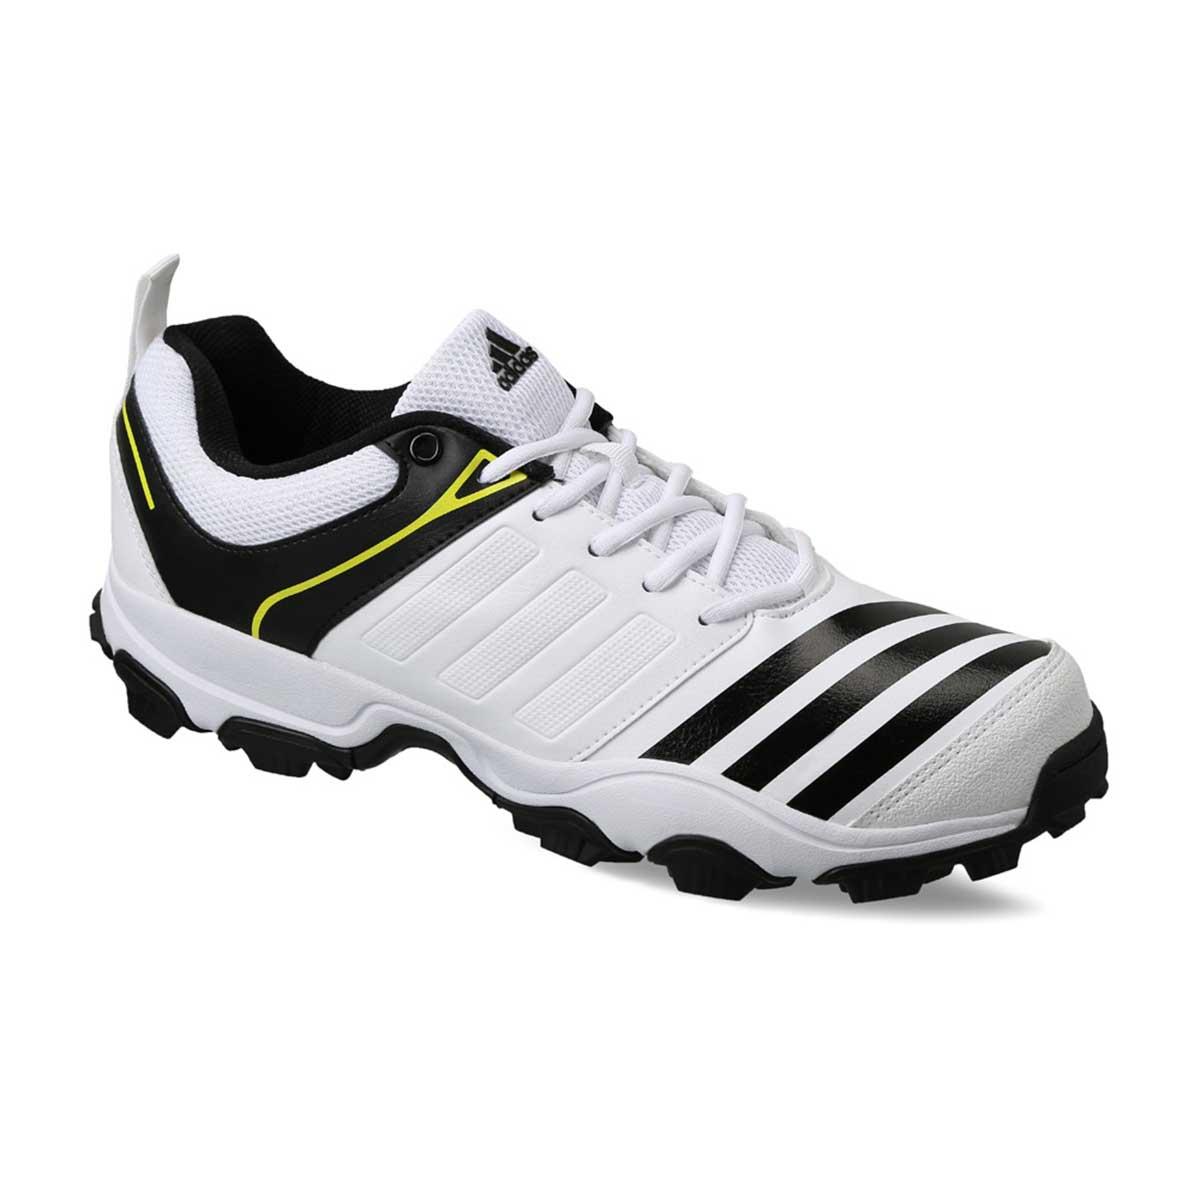 Buy Adidas 22 Yards Trainer 16 Cricket